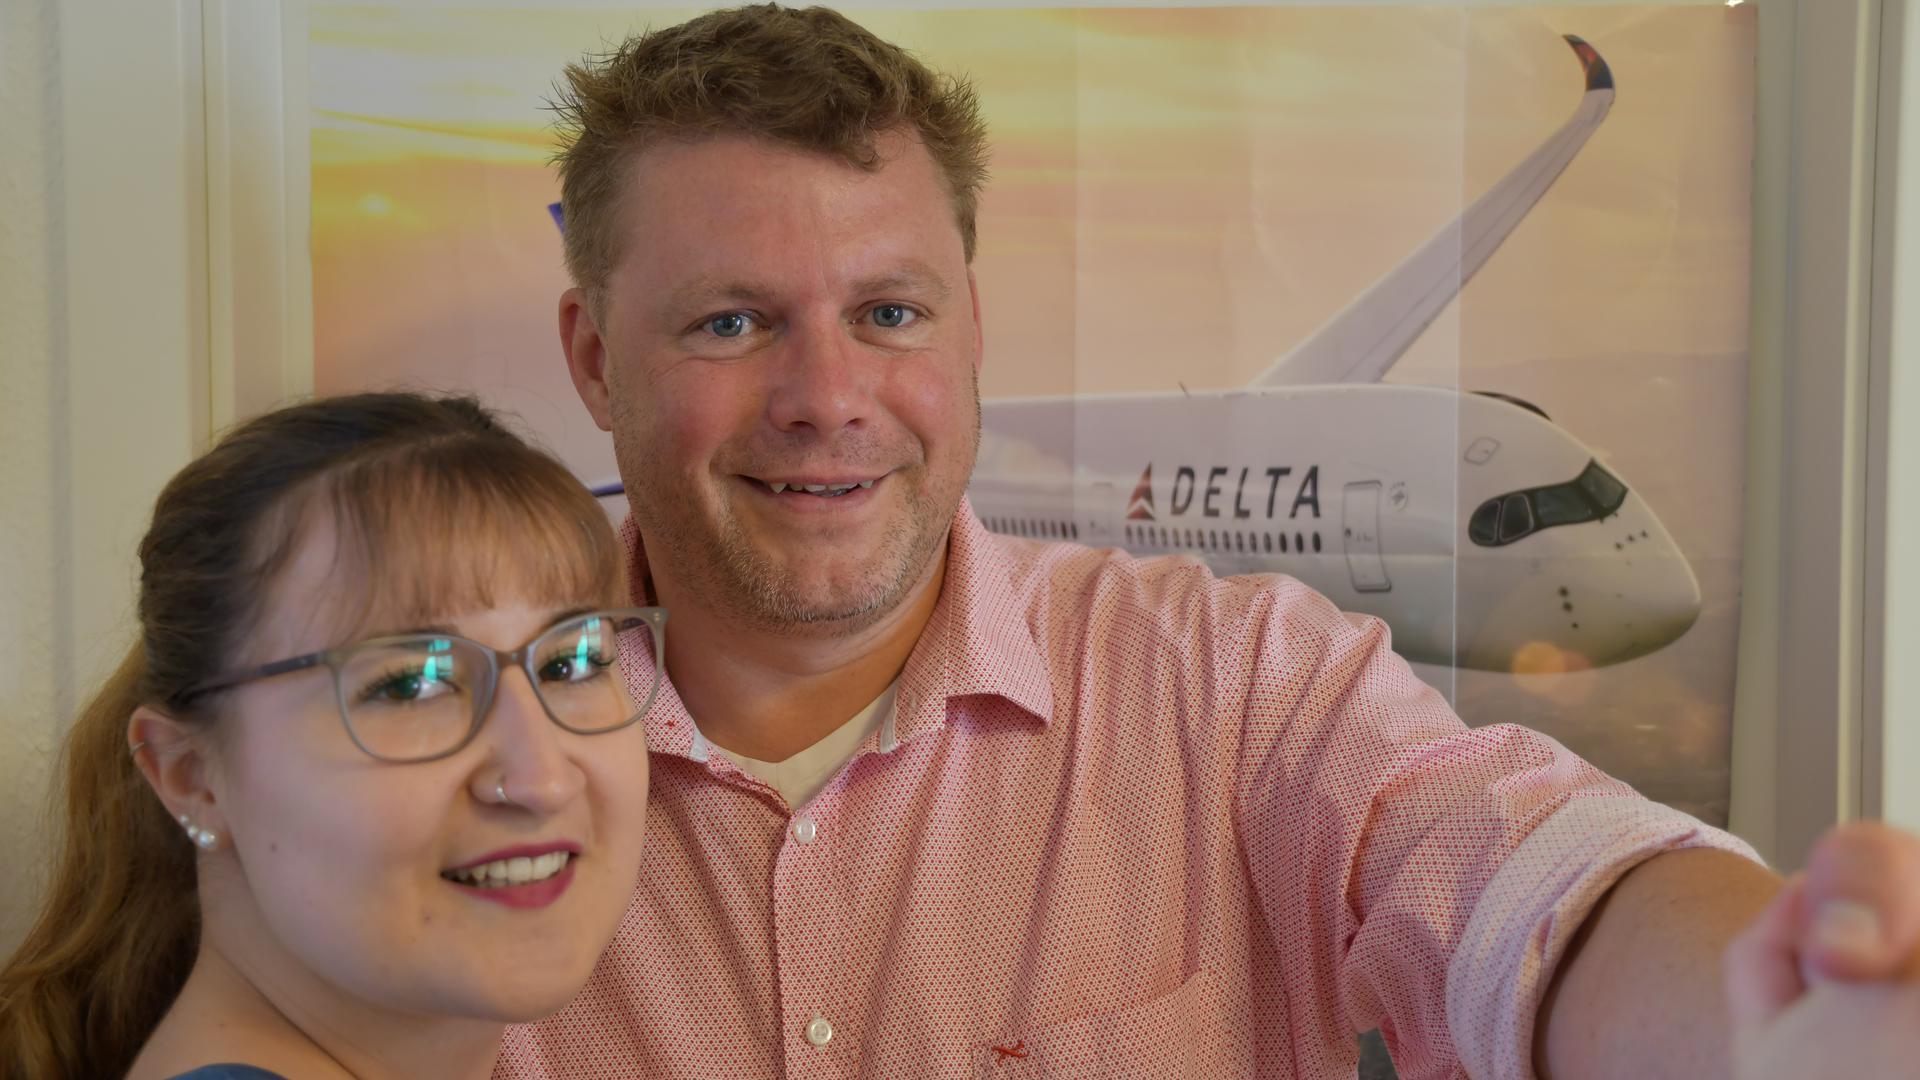 Der Inhaber eines Reisebüros tanzt mit seiner Auszubildenden. Im Hintergrund hängt das Bild eines fliegenden Flugzeugs.